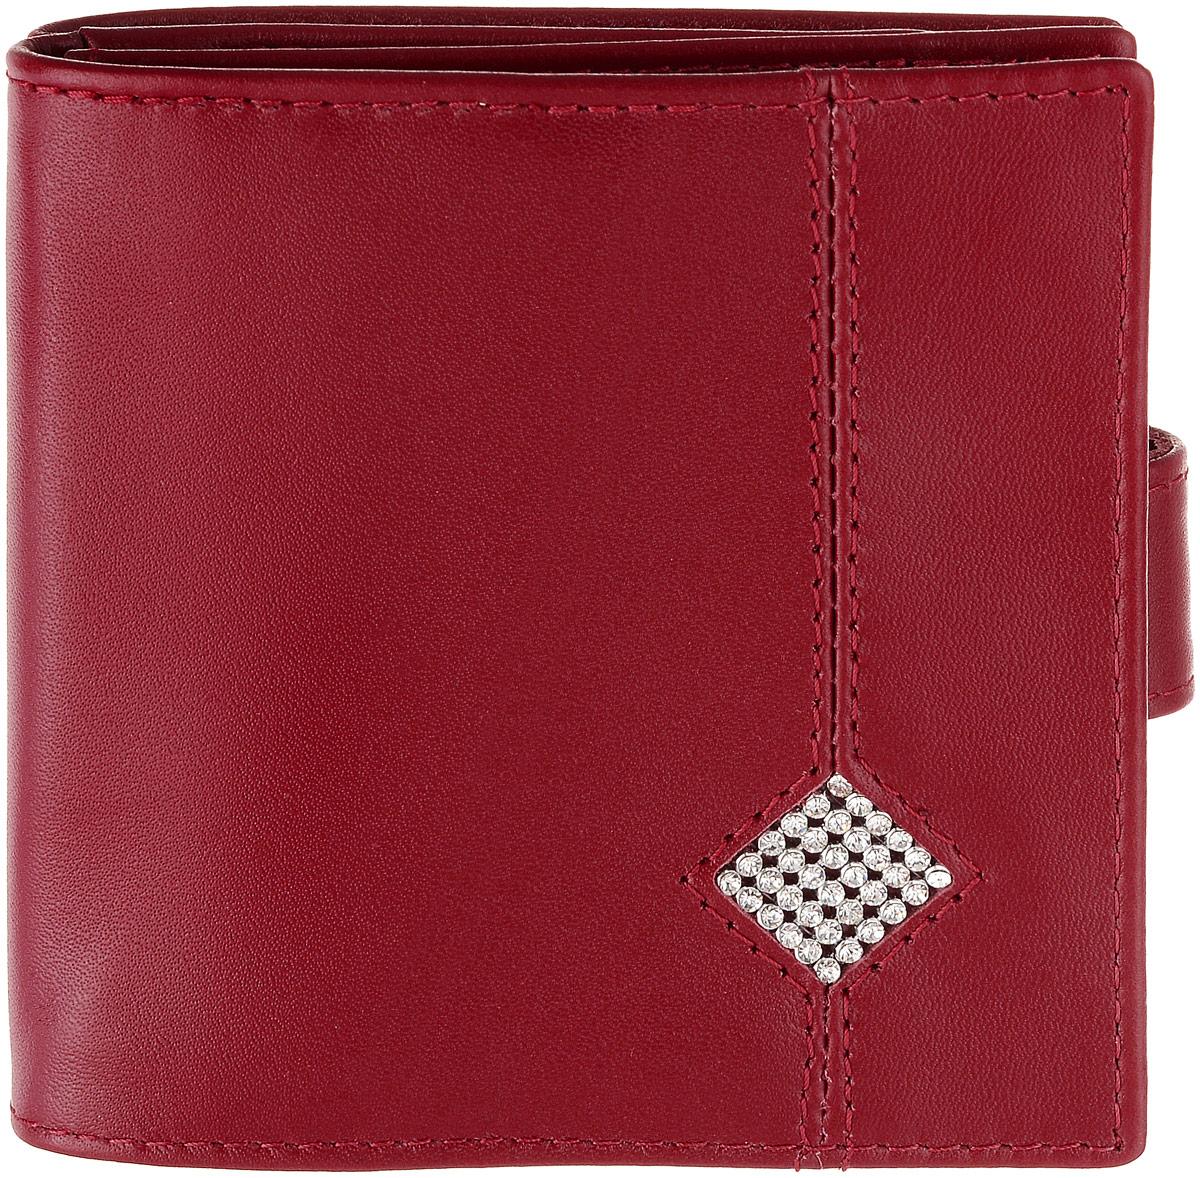 Кошелек женский Dimanche Рубин, цвет: красный. 019019Стильный женский кошелек Dimanche Рубин выполнен из натуральной кожи и оформлен стразами. Изделие имеет два отделения, одно из которых закрывается на кнопку, второе - на хлястик с магнитной кнопкой. Внутри одного из отделений находится четыре кармашка для визиток и пластиковых карт и карман для мелочи, закрывающийся на клапан с кнопкой. Внутри второго отделения располагаются два отделения для купюр. Снаружи, между отделениями располагается карман для бумаг. Изделие упаковано в фирменную коробку. Стильный кошелек Dimanche Рубин станет отличным подарком для человека, ценящего качественные и практичные вещи.